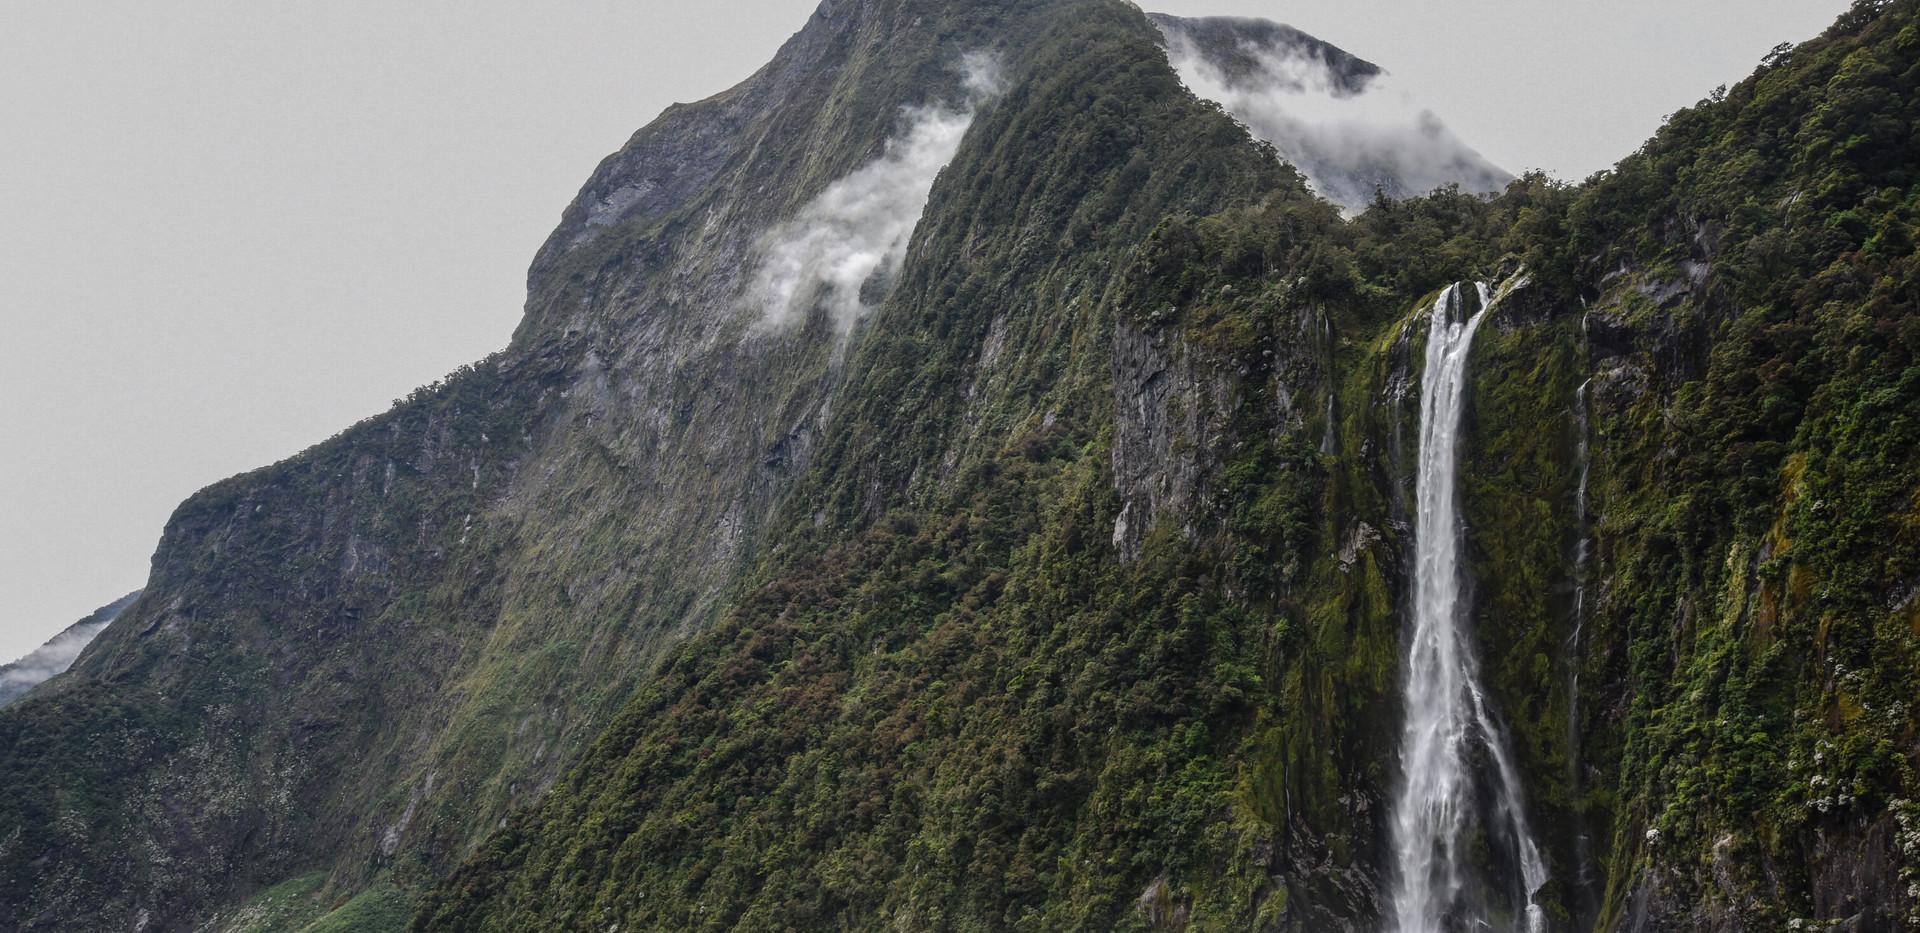 Peak and Falls